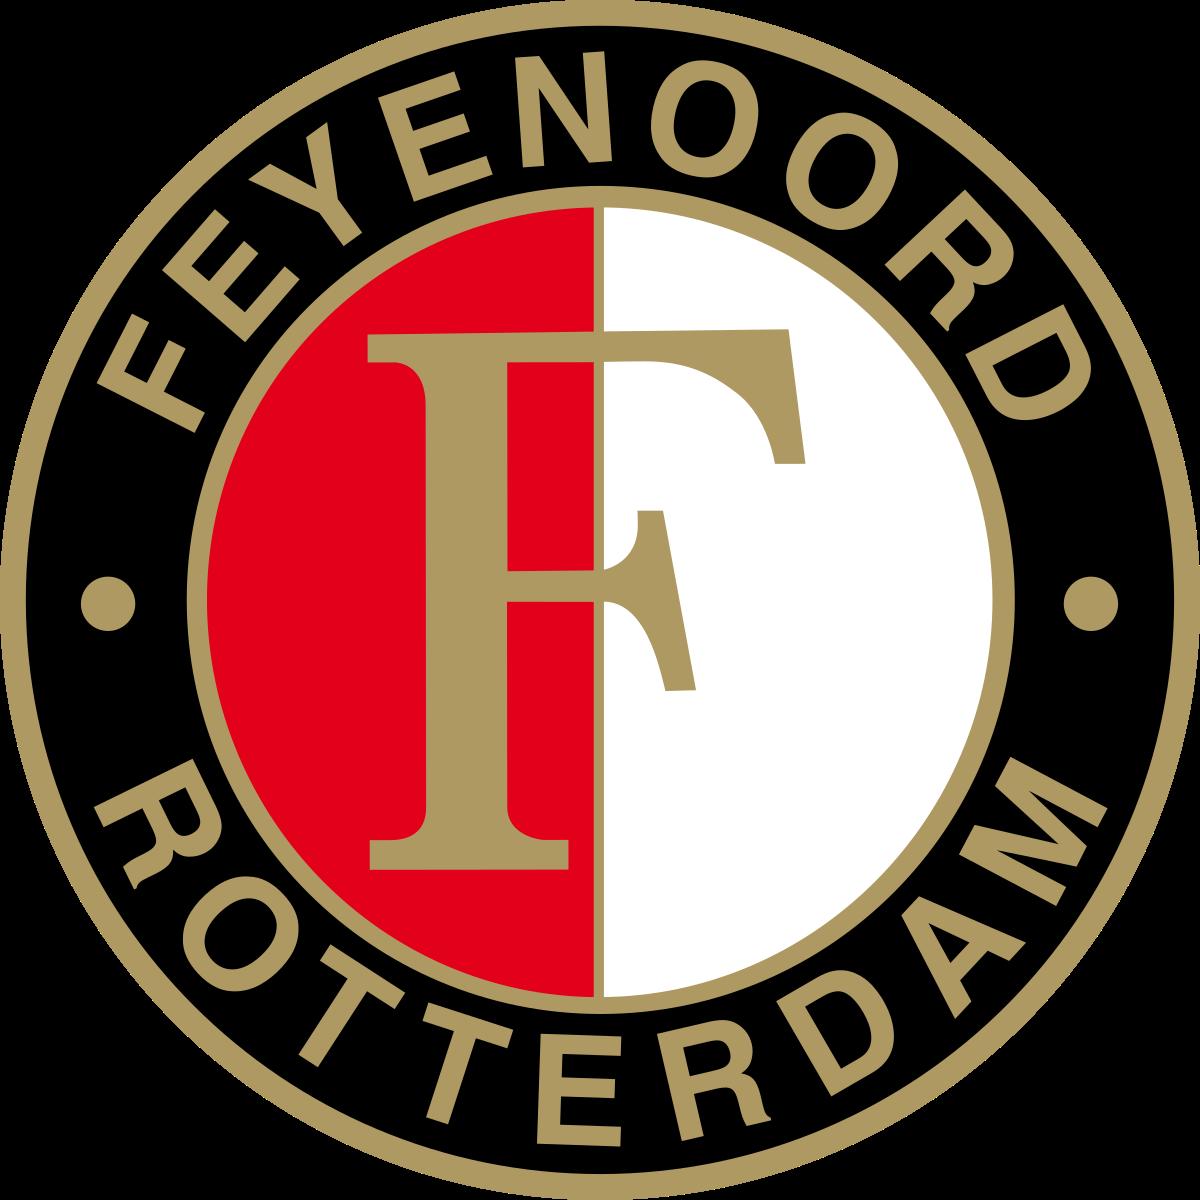 Feyenoord gesigneerd memorabilia